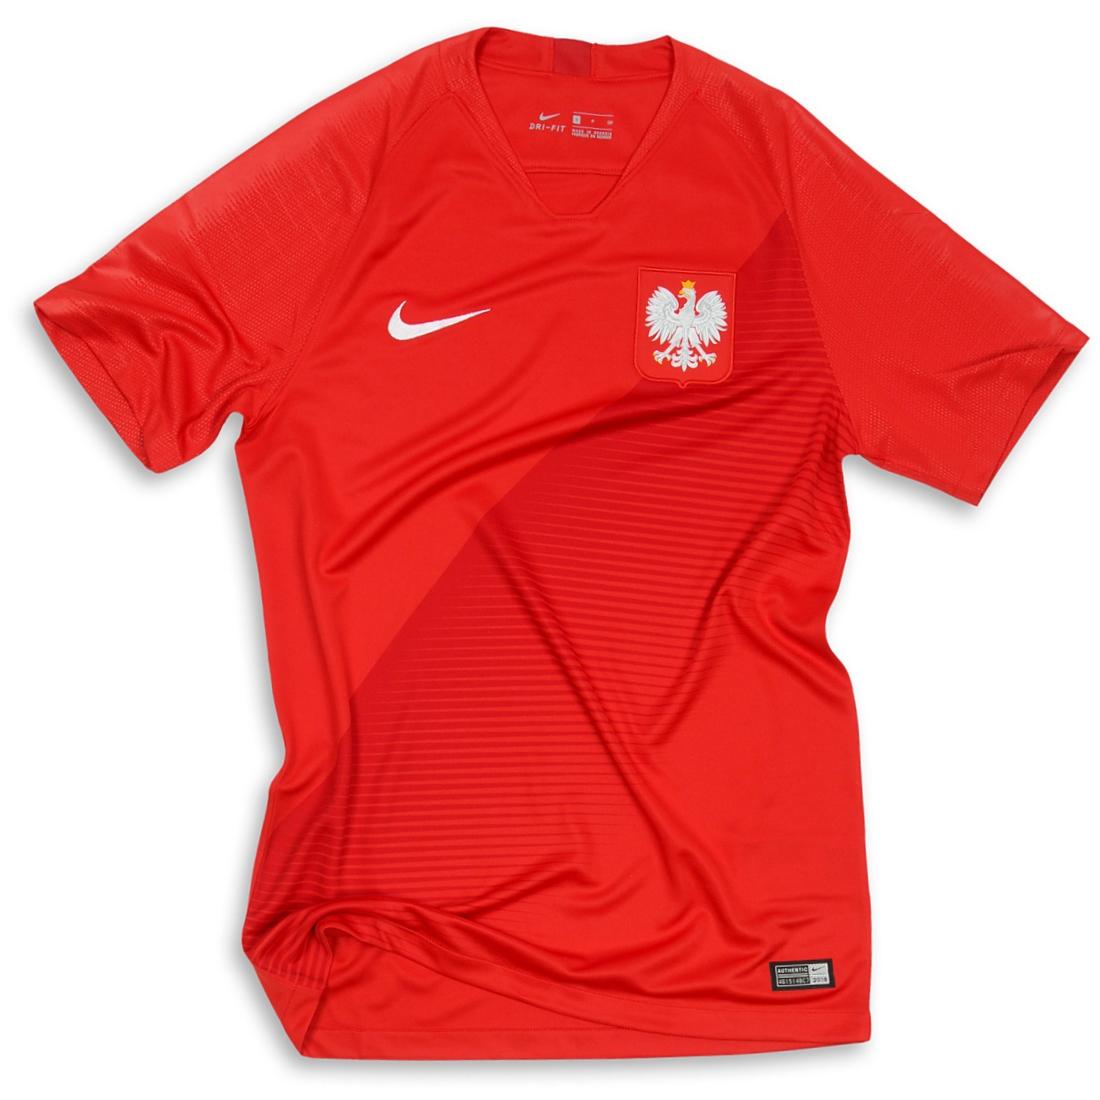 7718eddcb Koszulka reprezentacji Polski czerwona Nike 2018 – Sklep Blisko Polski